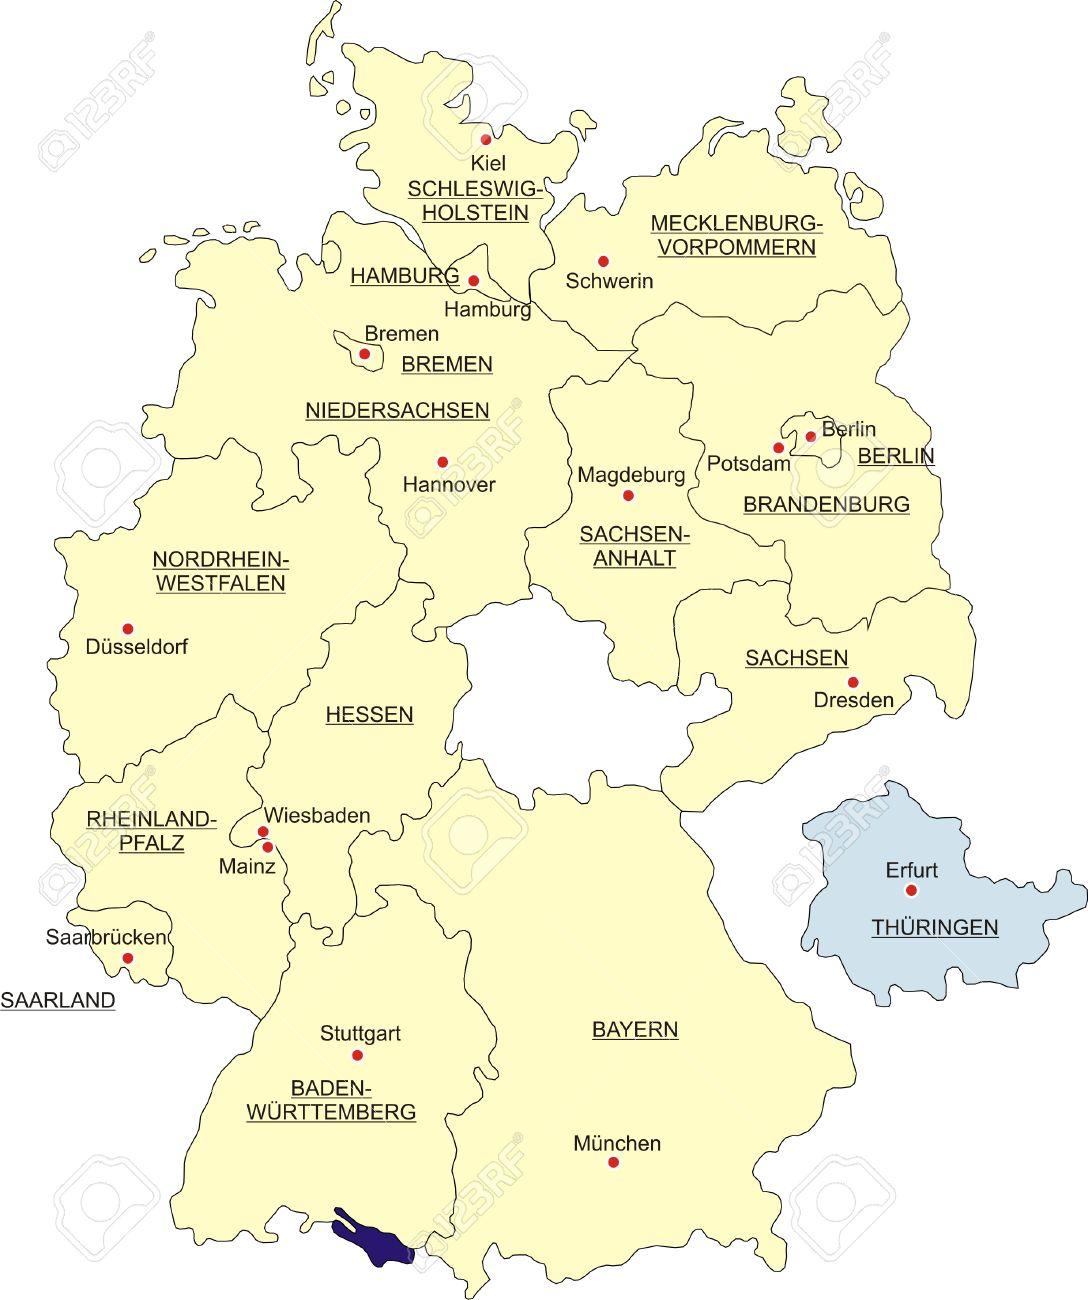 Carte Allemagne Thuringe.Carte De L Allemagne Des Frontieres Nationales Et Des Capitales